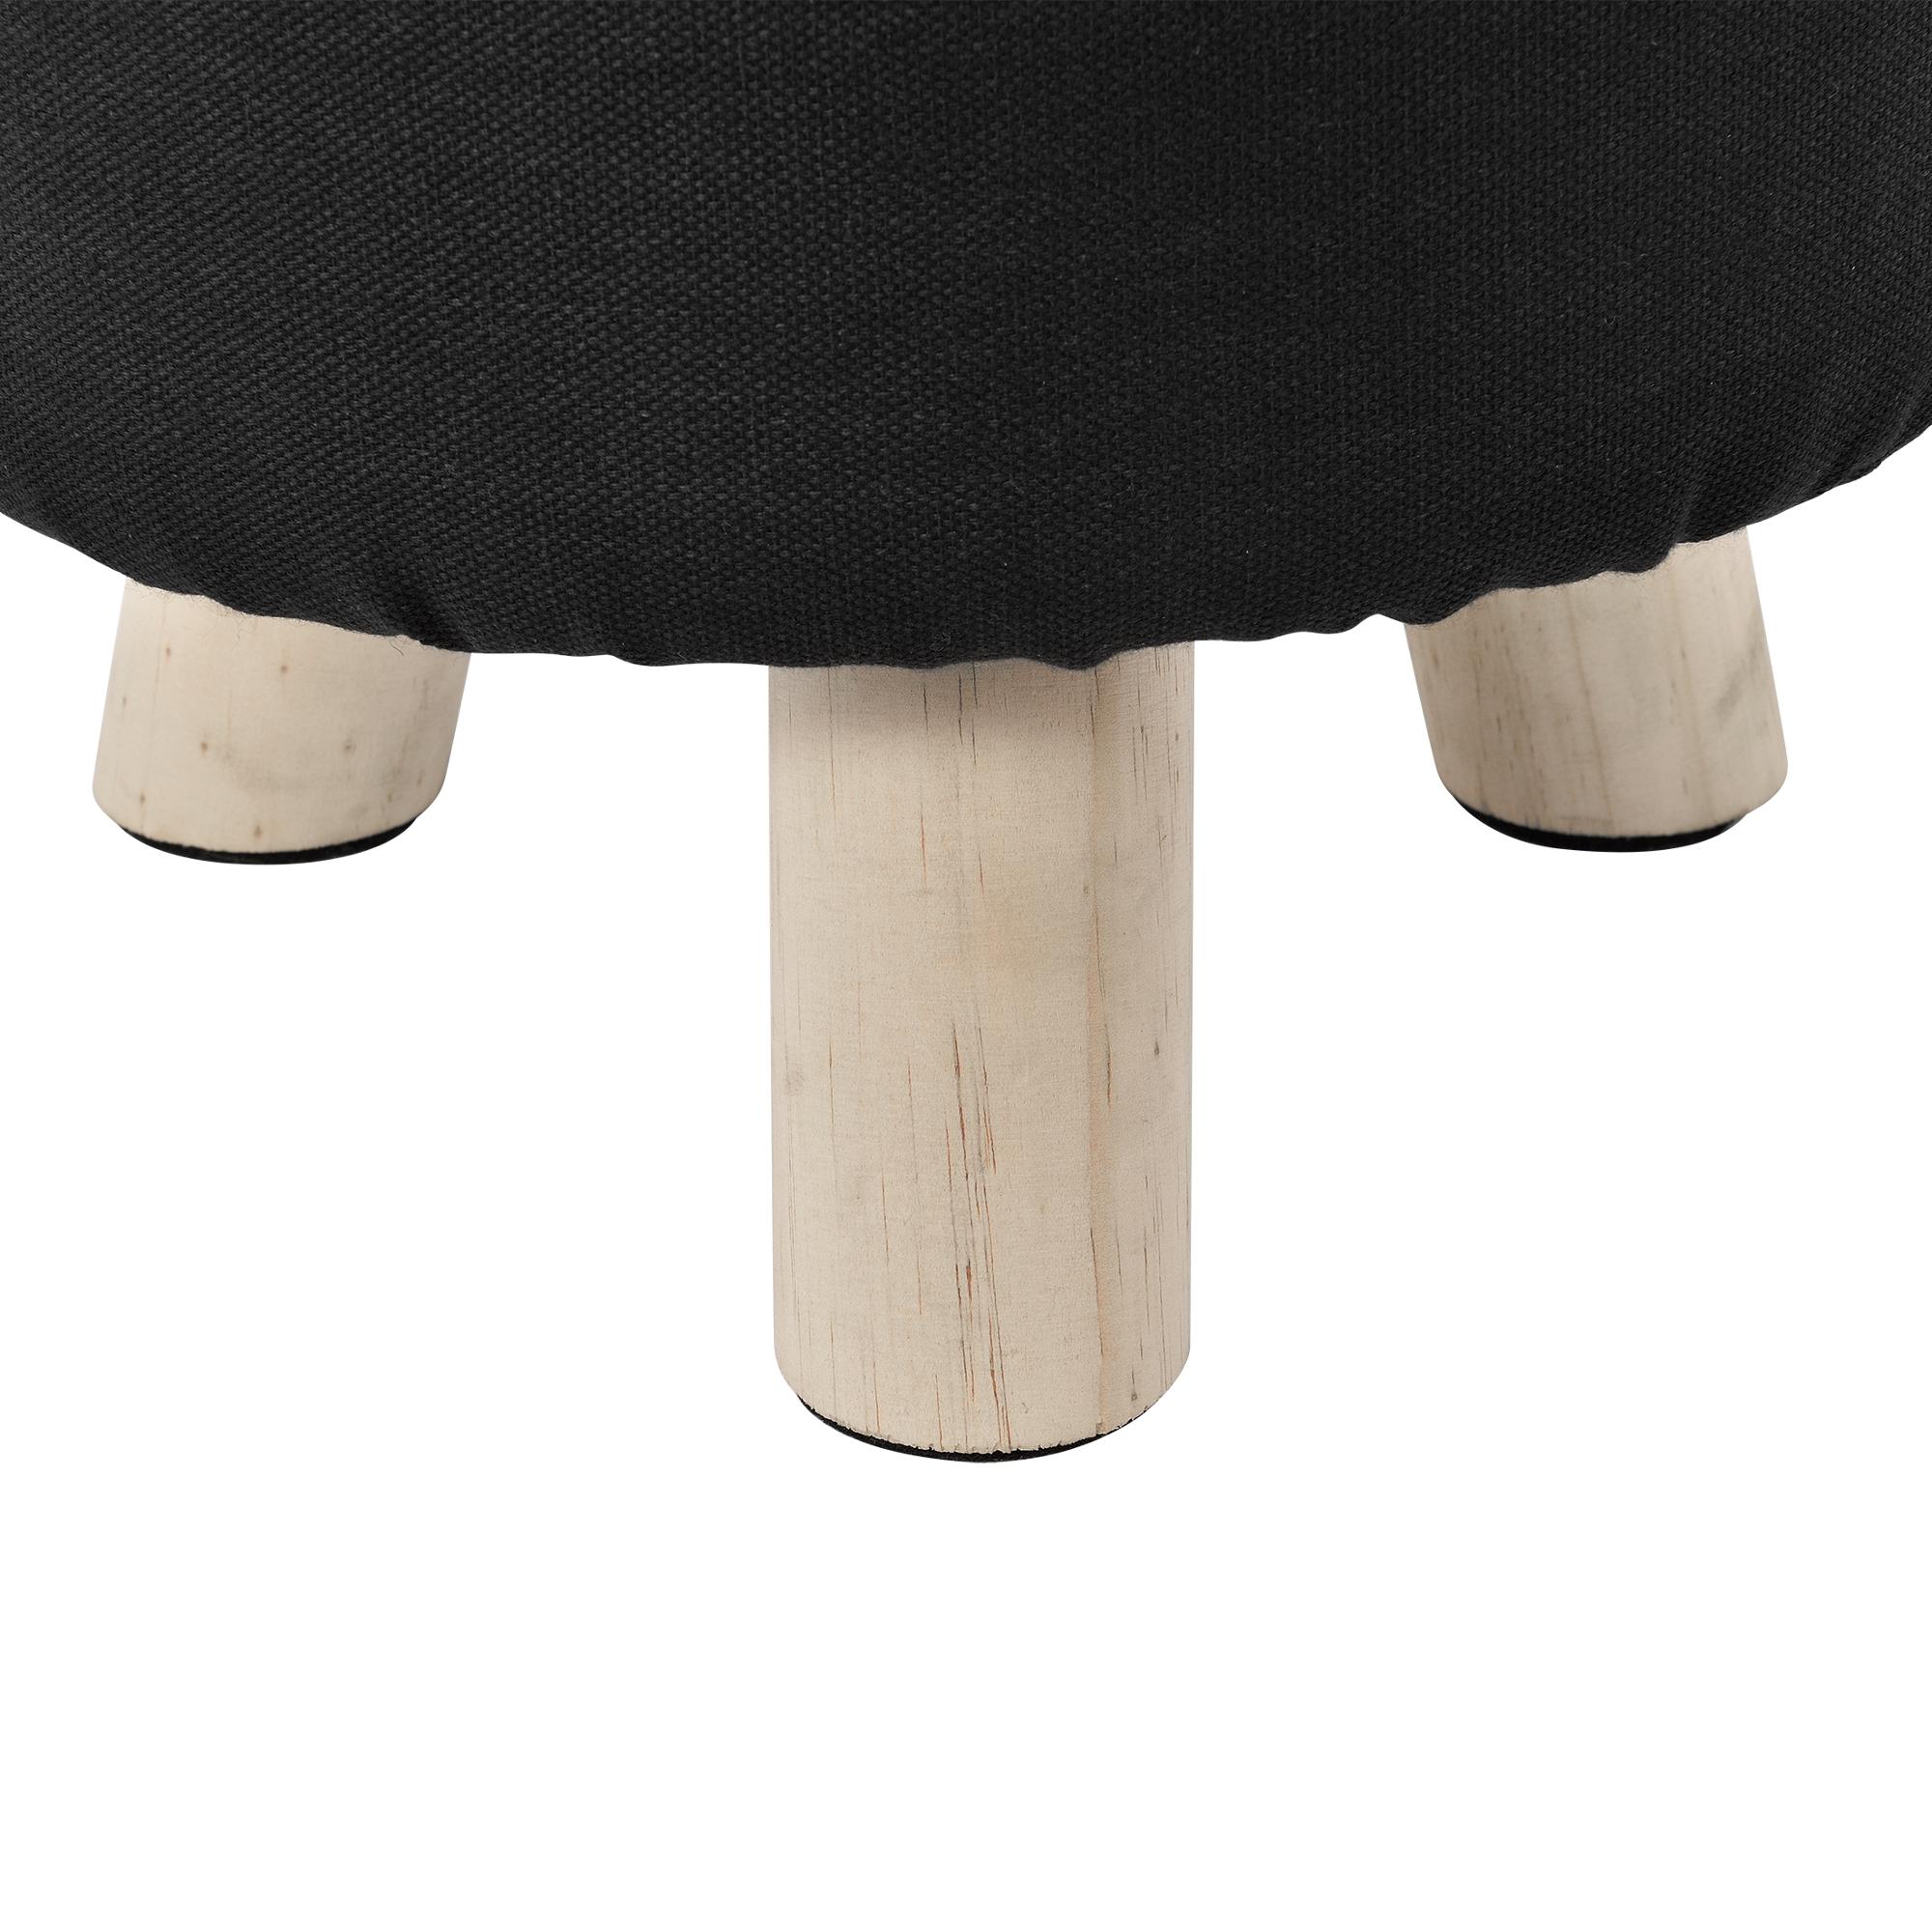 [ensa] Sitz Hocker schwarz rund Polsterhocker